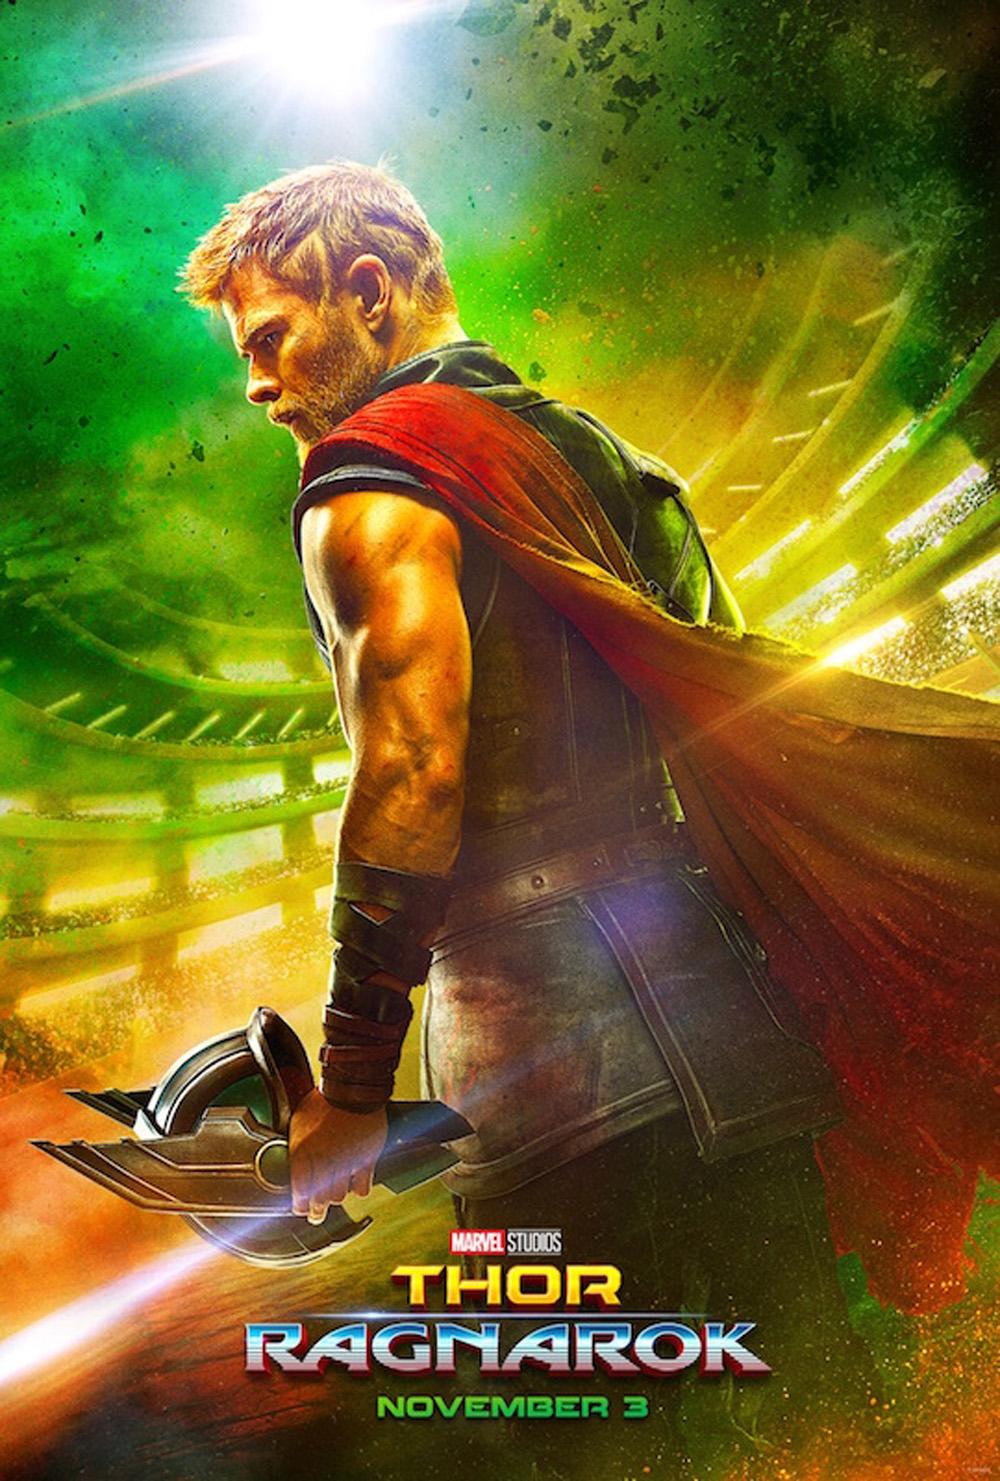 thor-ragnarok-teaser-poster